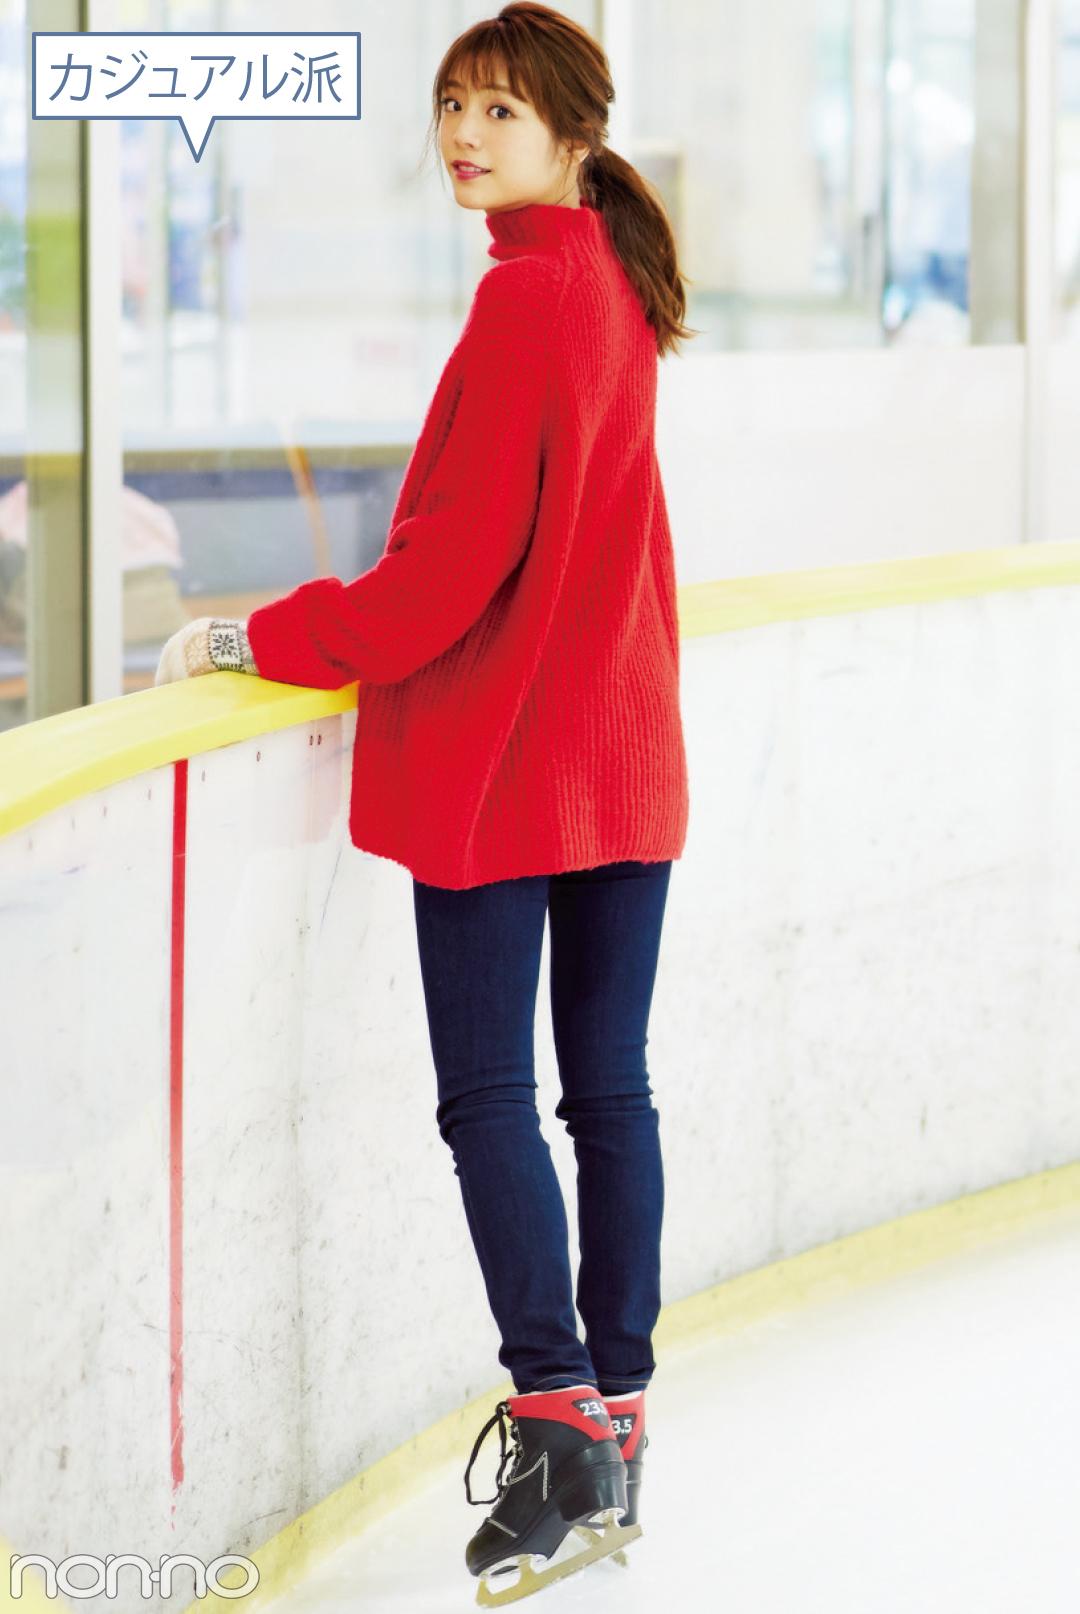 デート場所がスケートに決定! 盛れてて寒くなくてモテるコーデって?_1_2-1